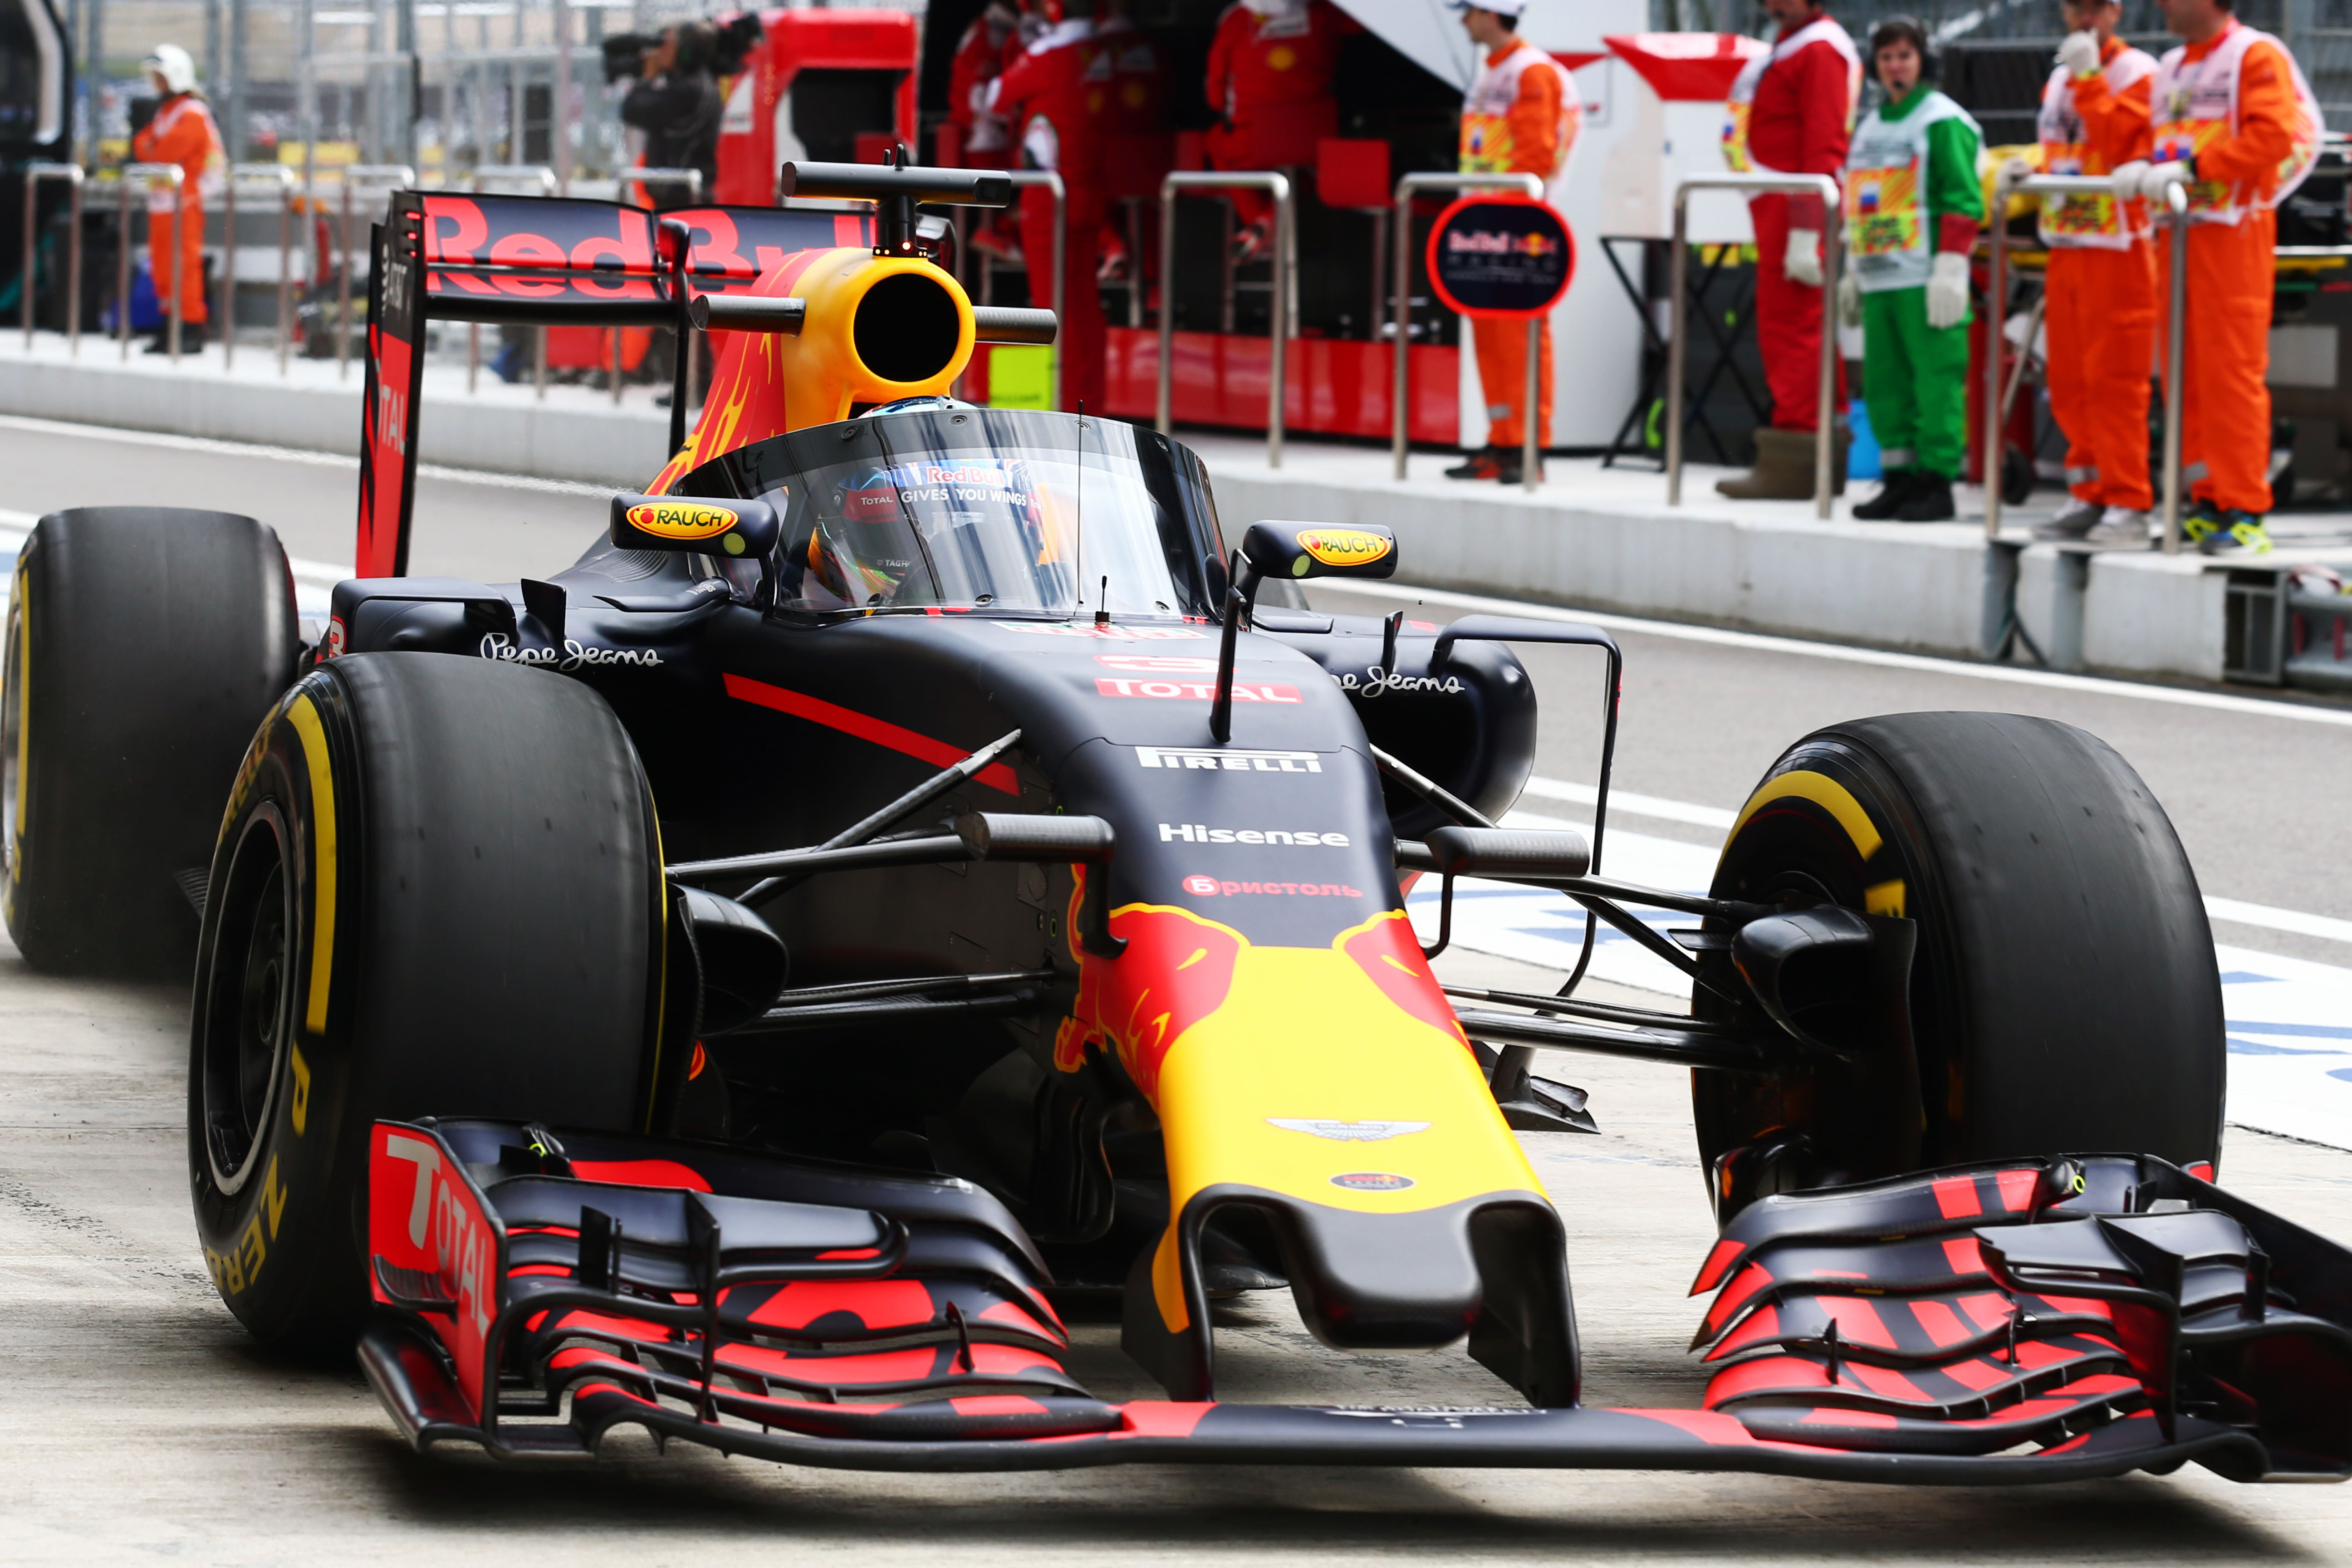 Red Bull F1 aeroscreen test